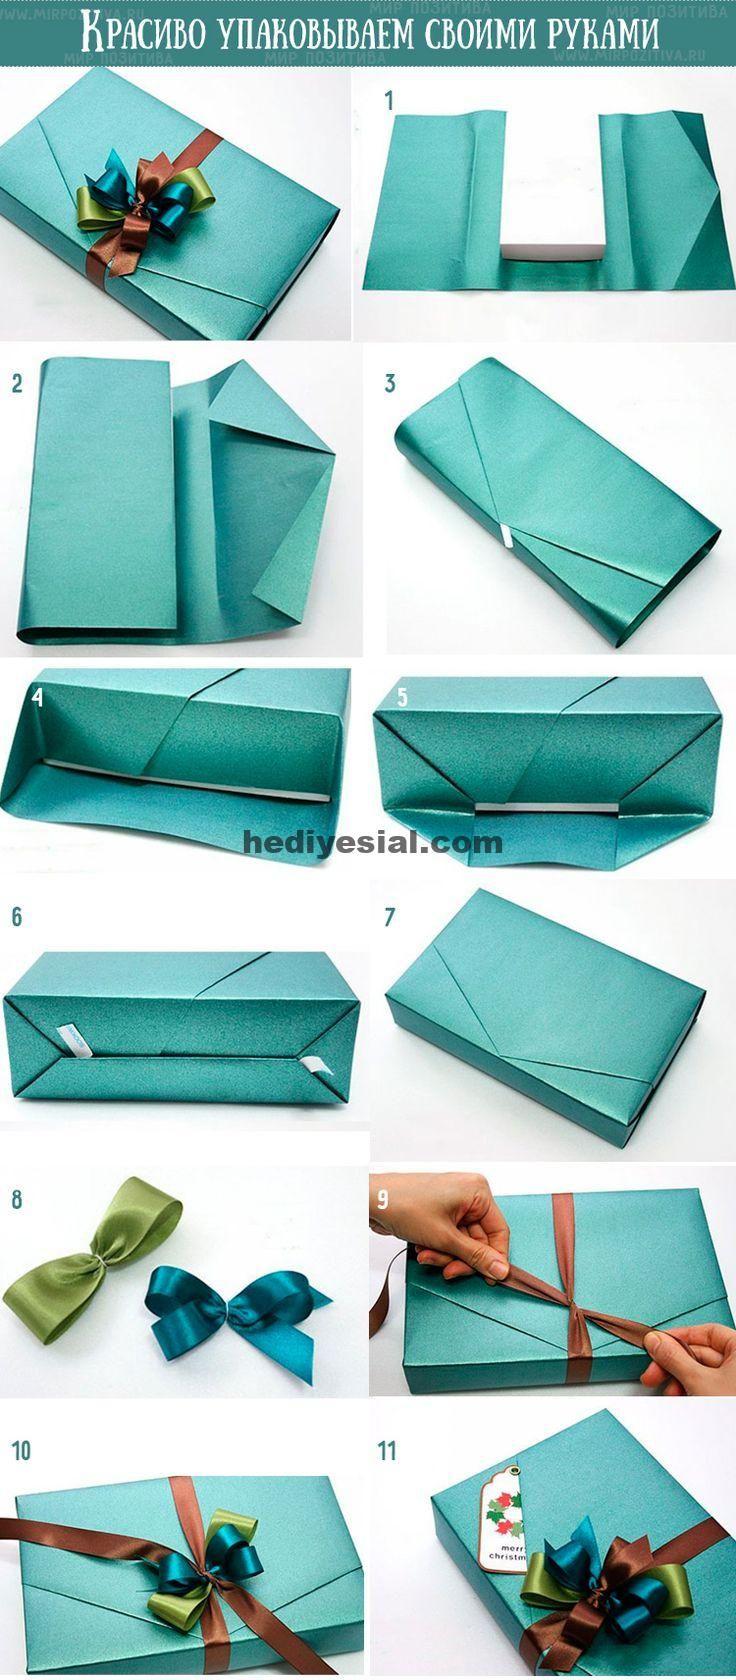 Wir packen ein Geschenk mit eigenen Händen,  #eigenen #geschenk #handen #packen #present, Geschenk #emballagecadeauoriginal